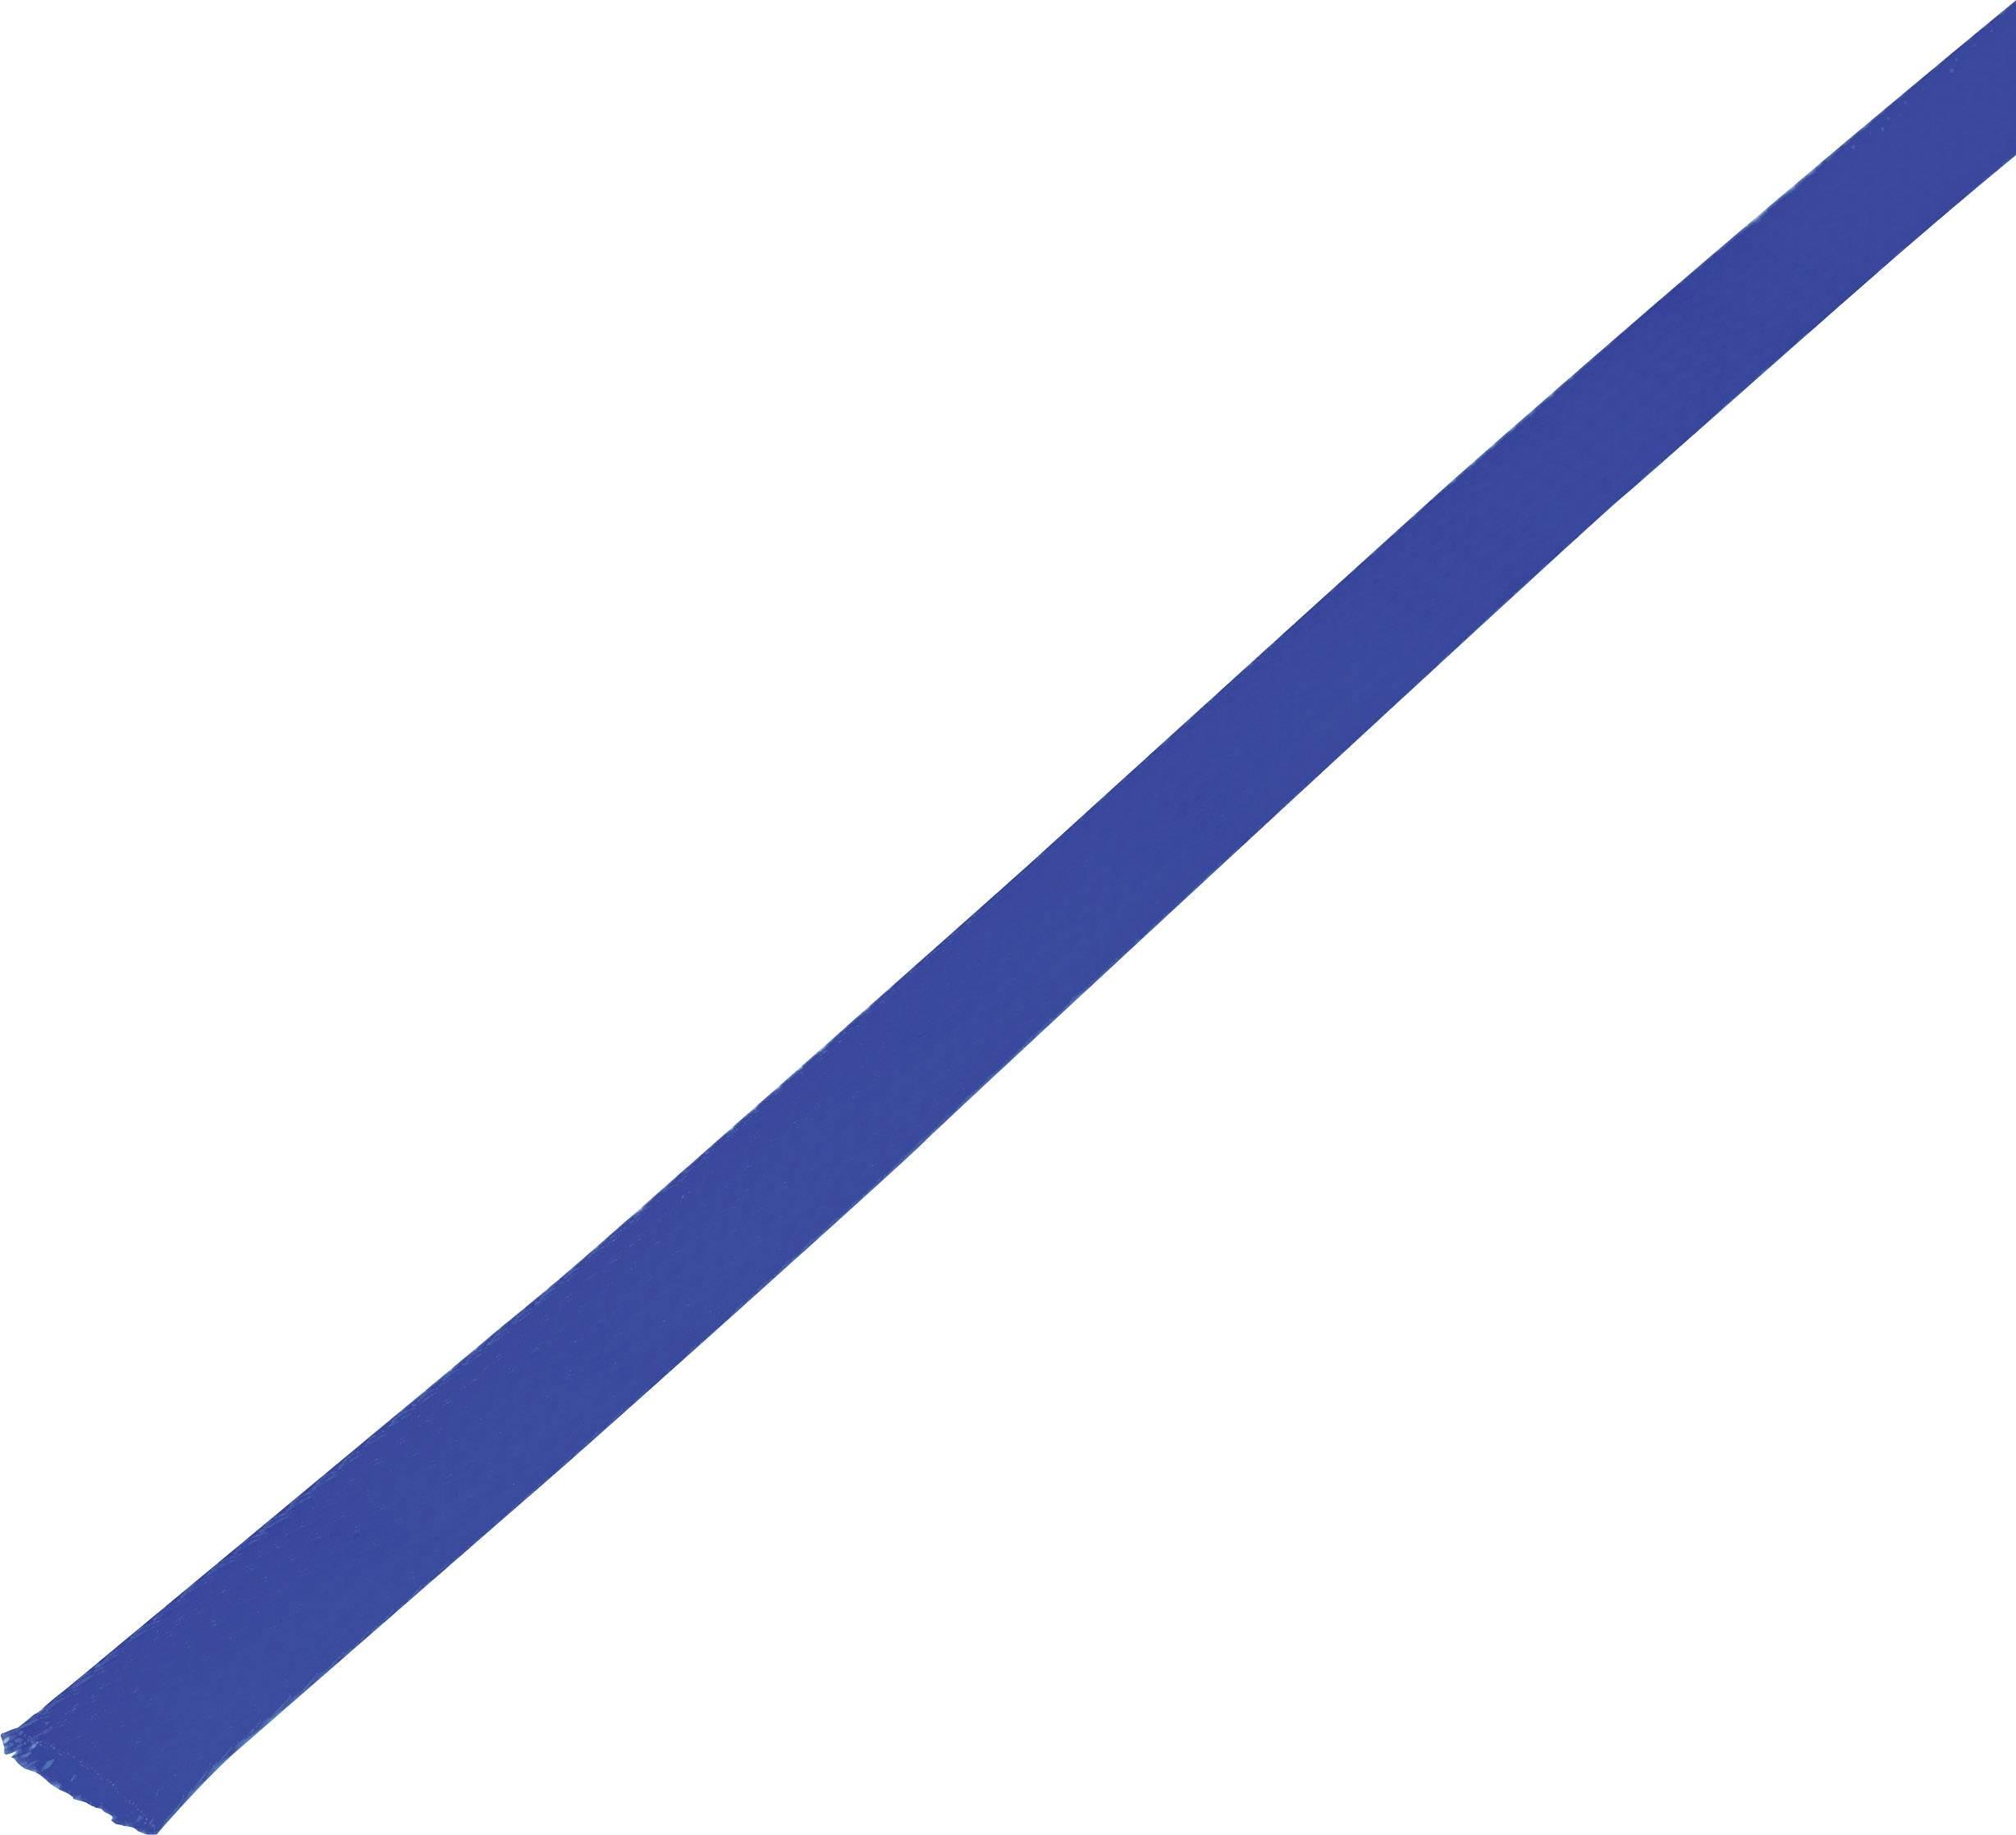 Ochranné opletenie CBBOX1221-BL Ø zväzku: 12 - 21 mm modrá 10 m